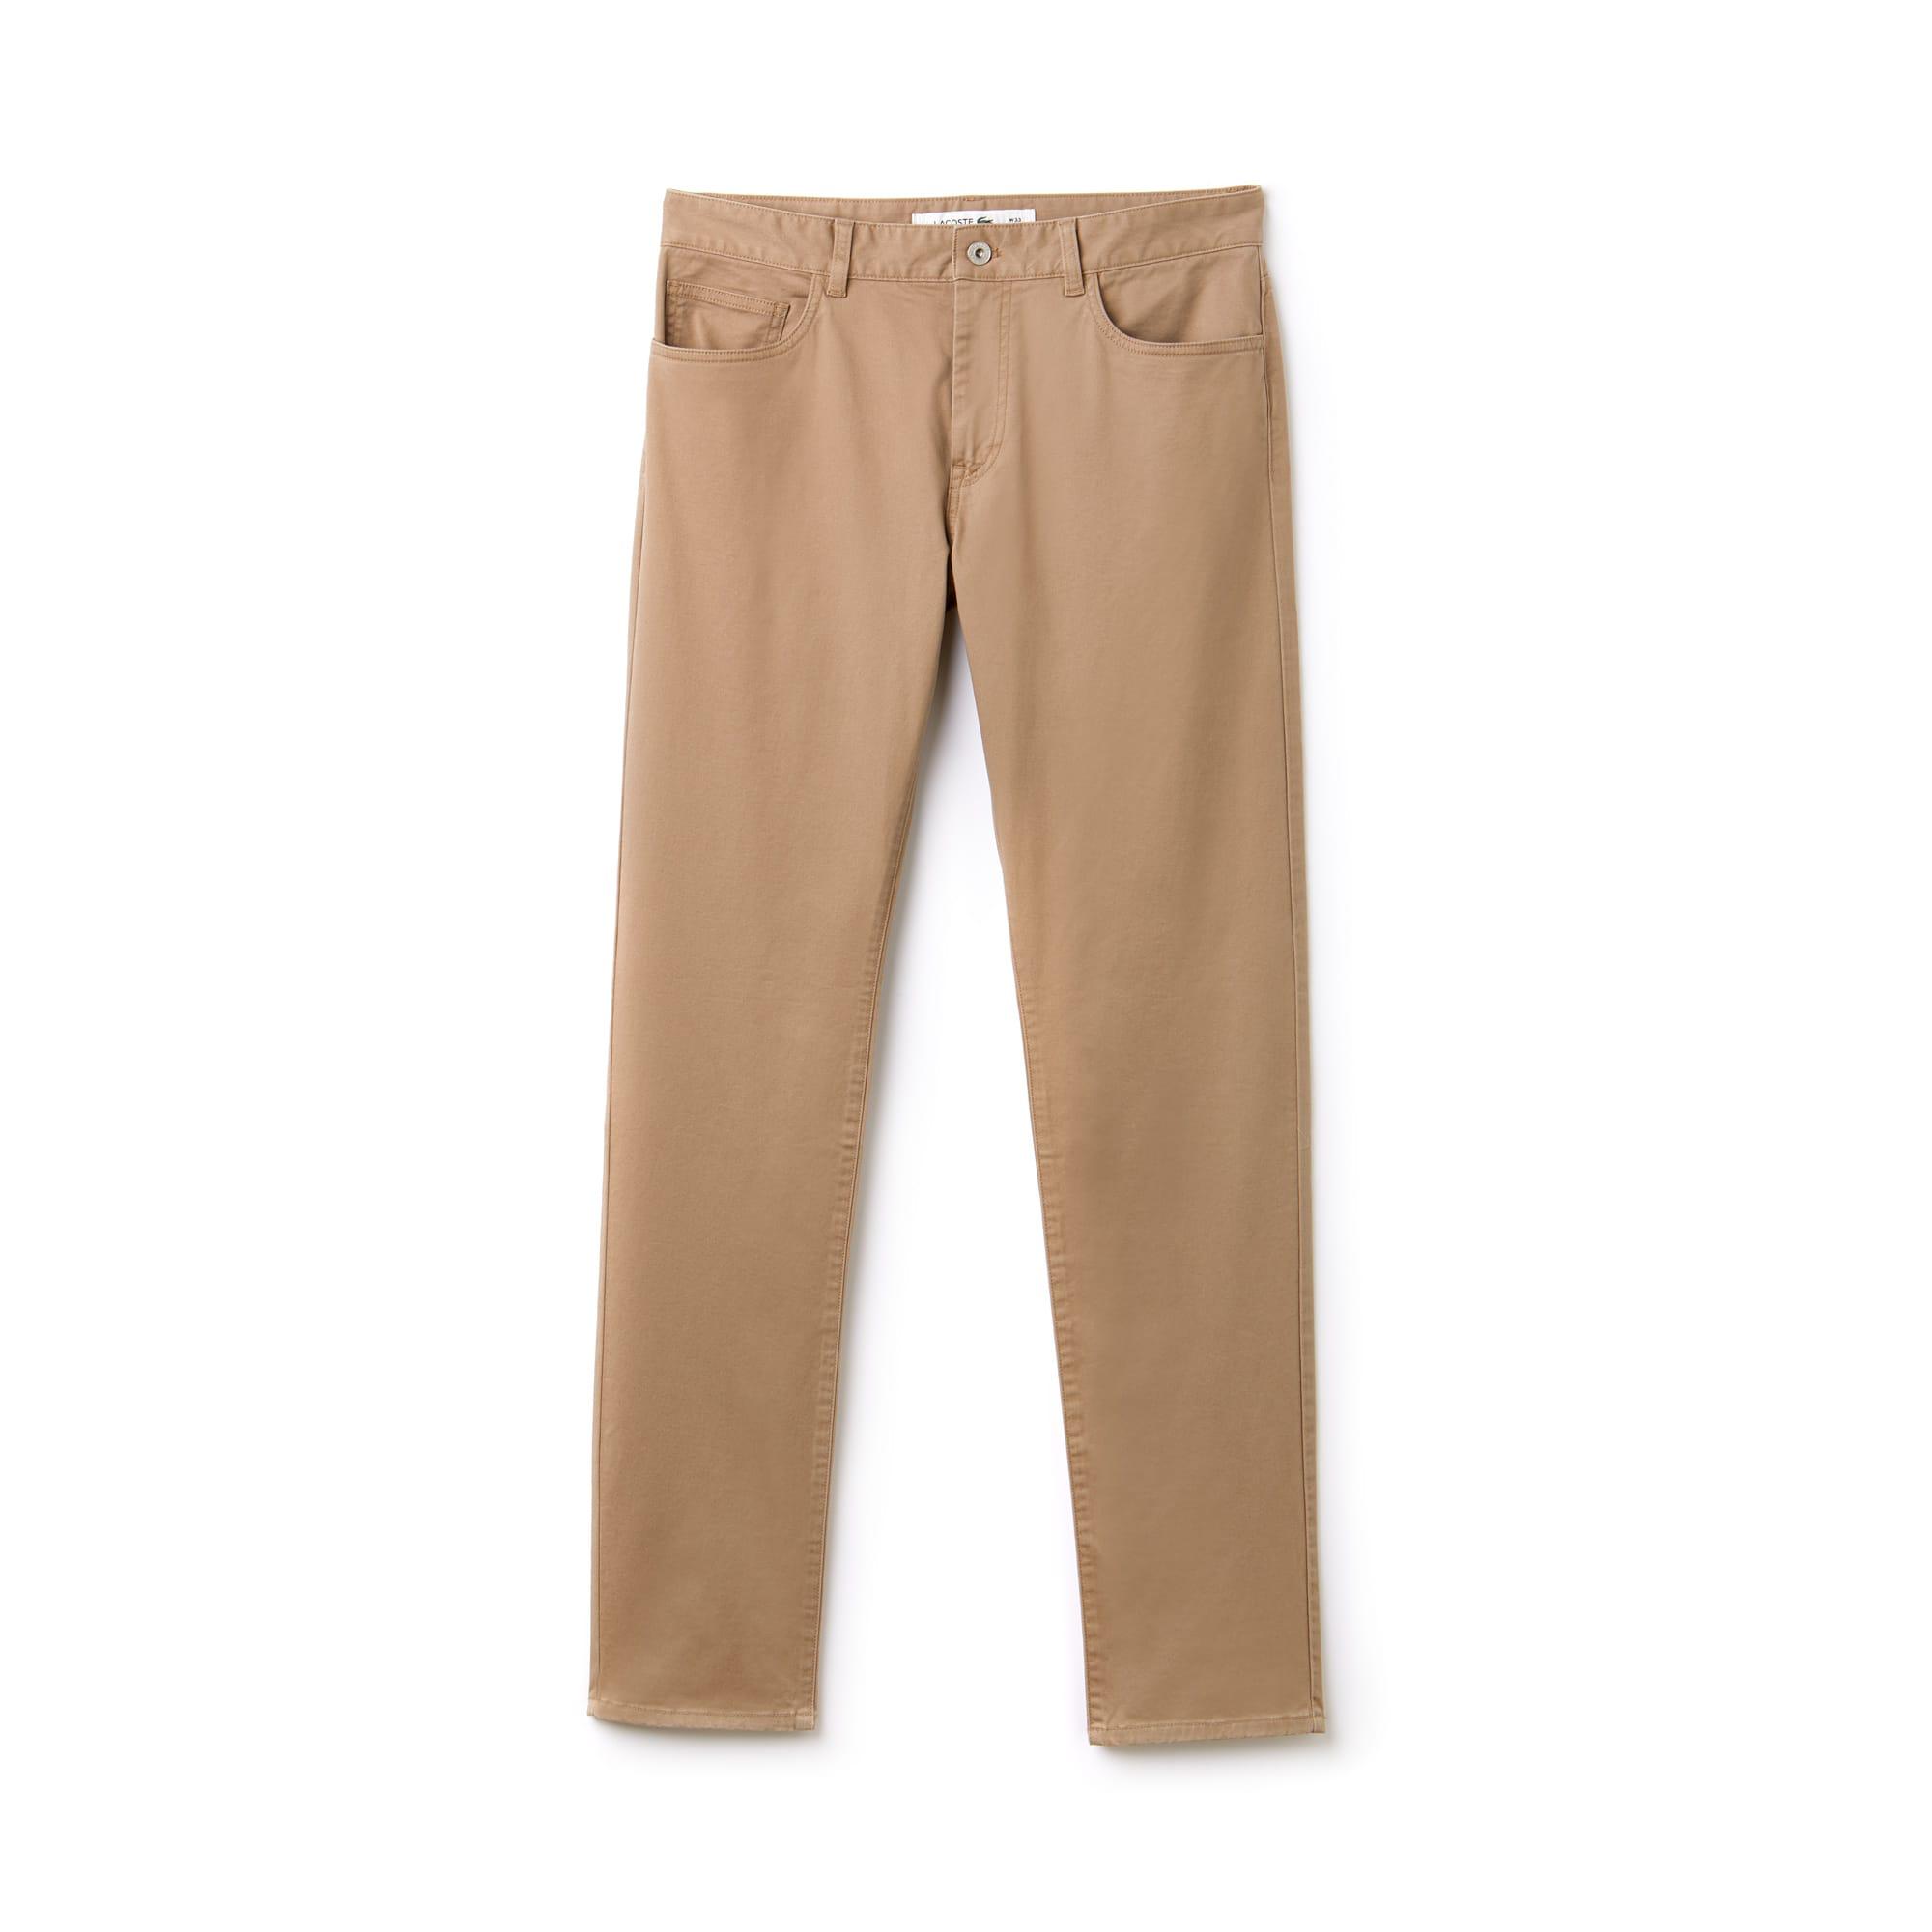 라코스테 Lacoste Mens Slim Fit Stretch Cotton Pants,beige